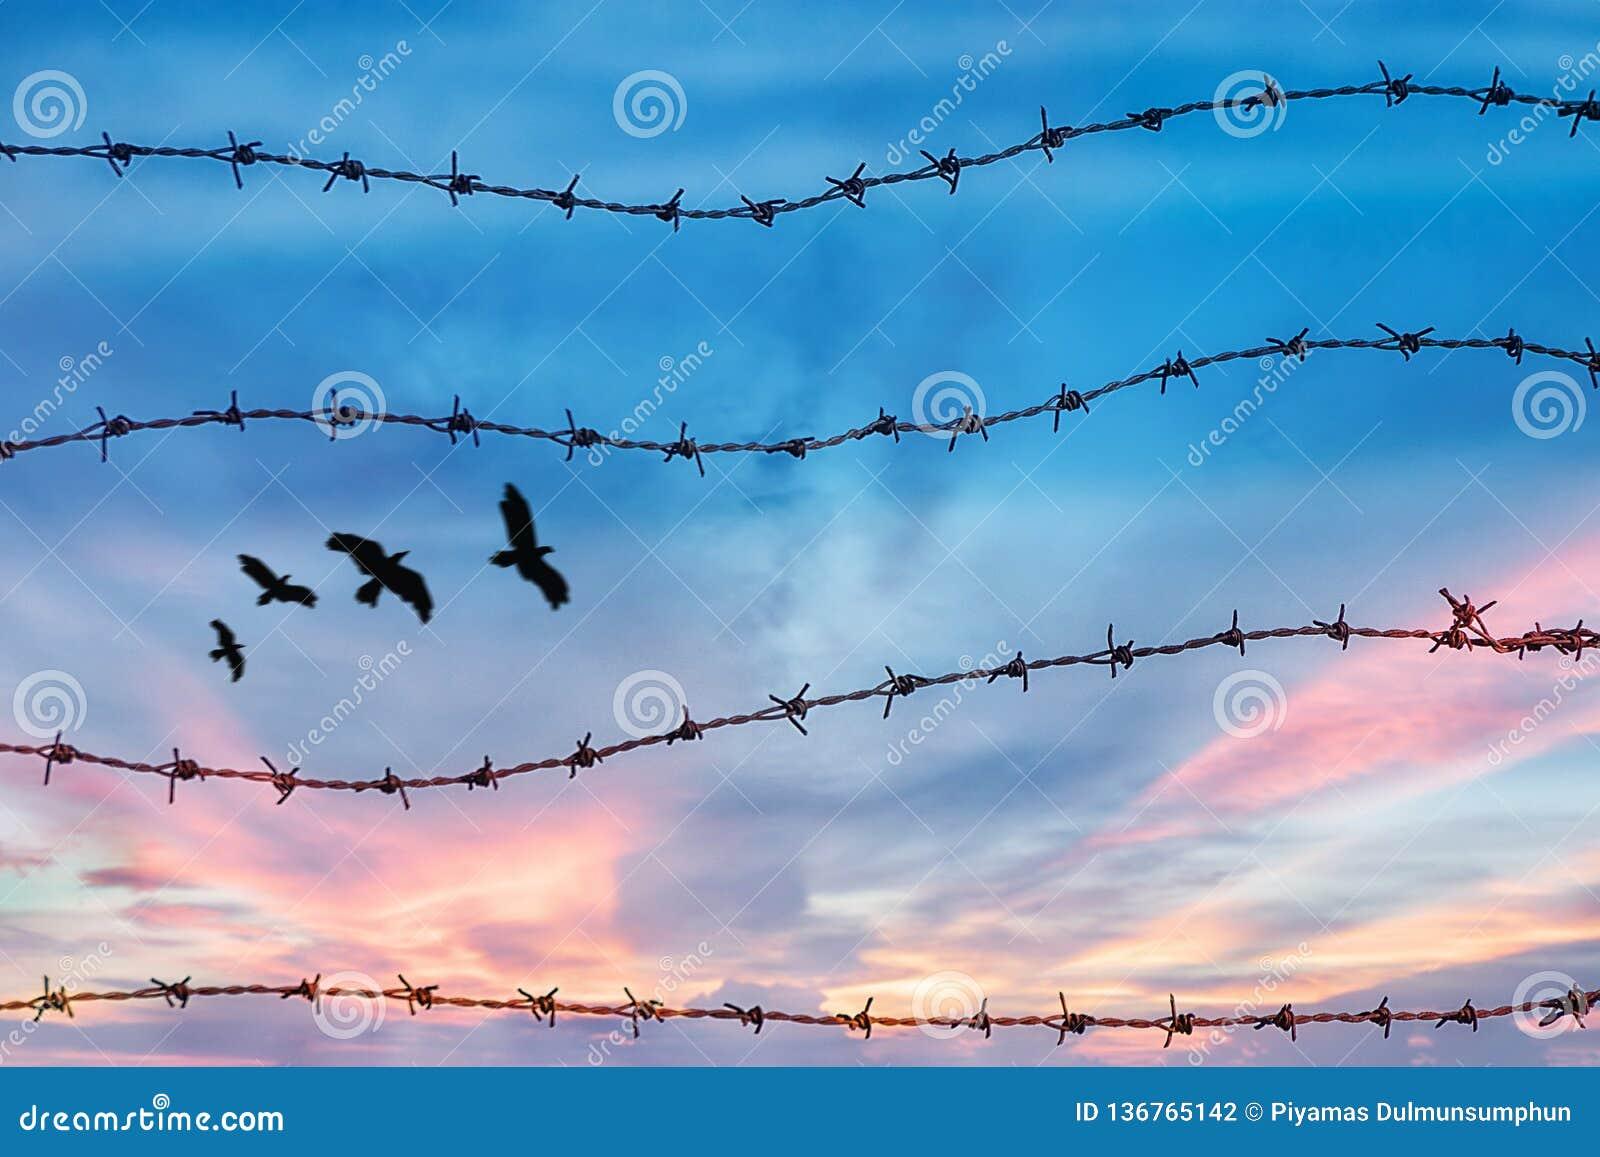 Frihets- och mänsklig rättighetbegrepp kontur av det fria fågelflyget i himlen bak taggtråd med solnedgångbakgrund